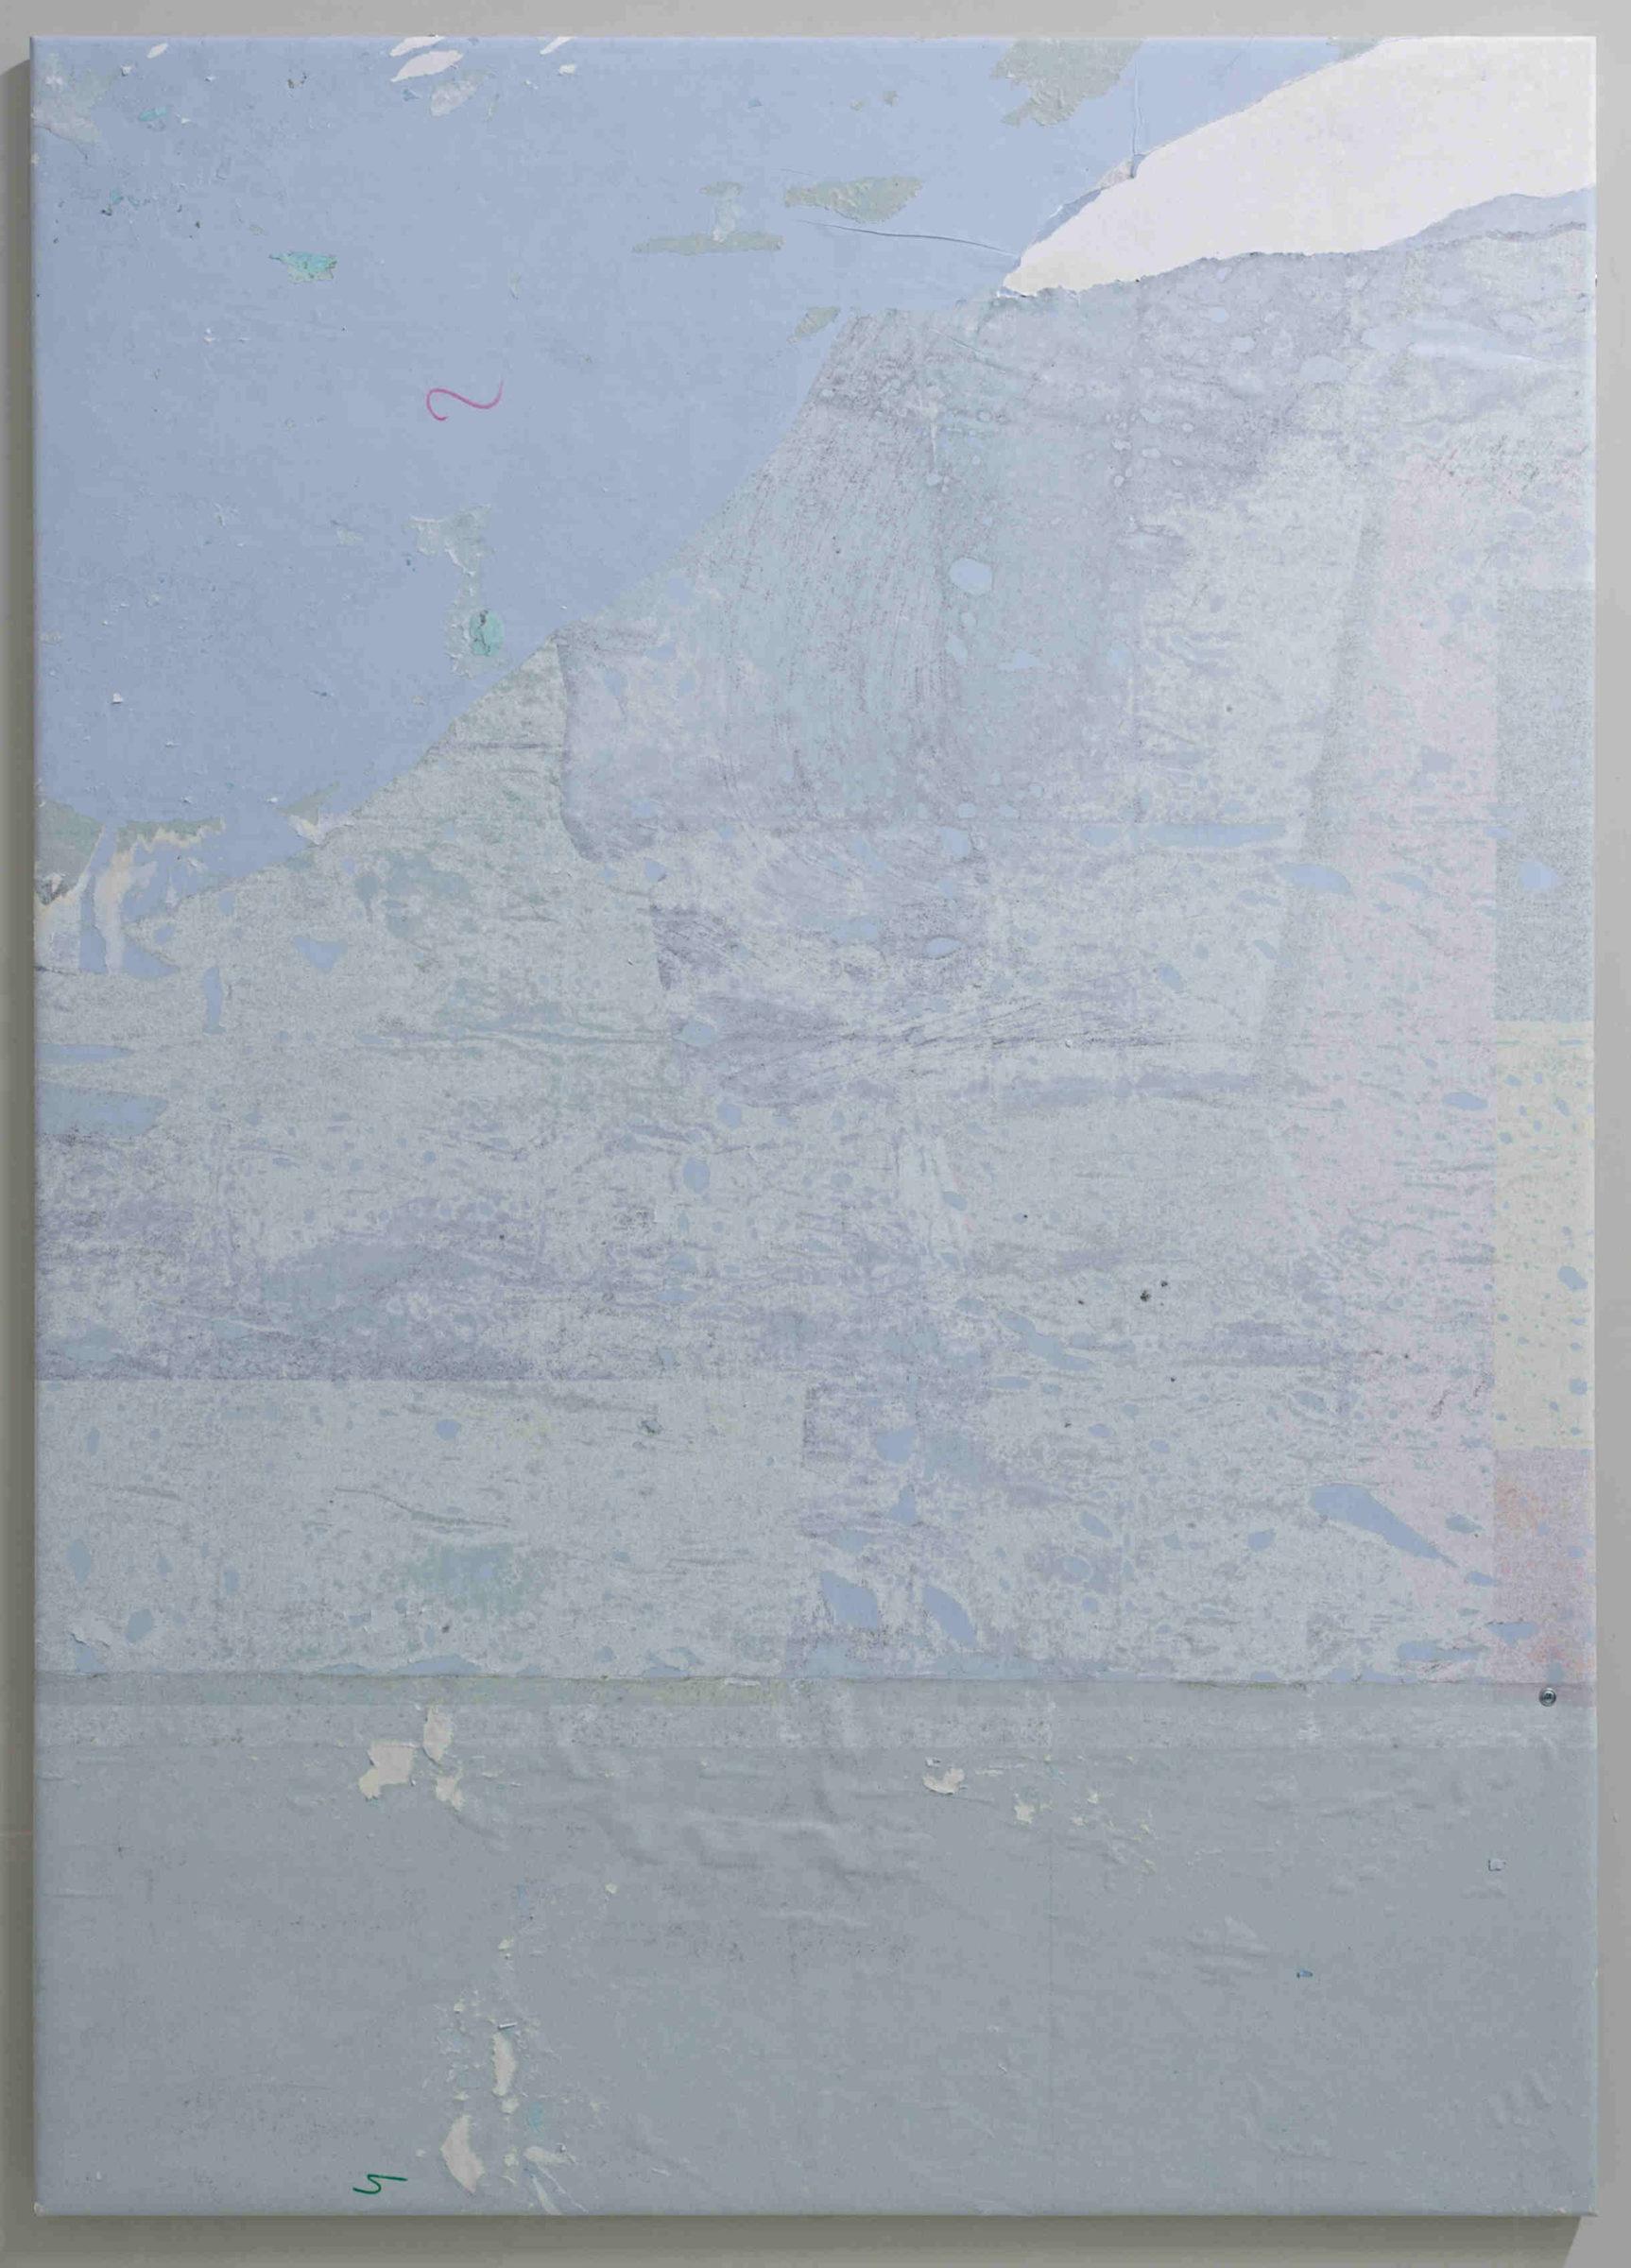 0. Simon Laureyns, Untitled, paper, 140x100cm, 2016